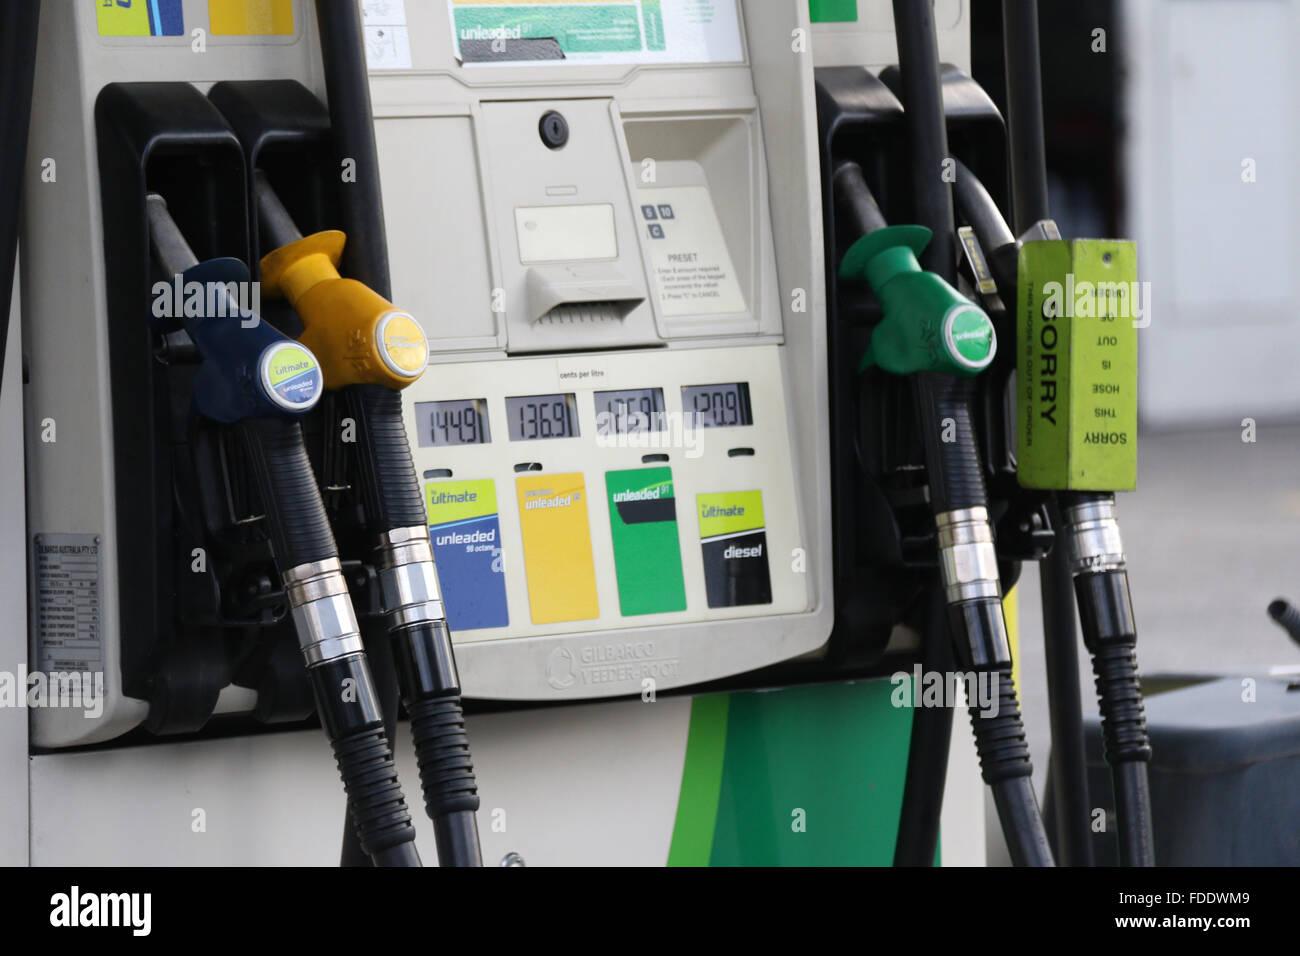 Bp Gas Pump Stock Photos & Bp Gas Pump Stock Images - Alamy